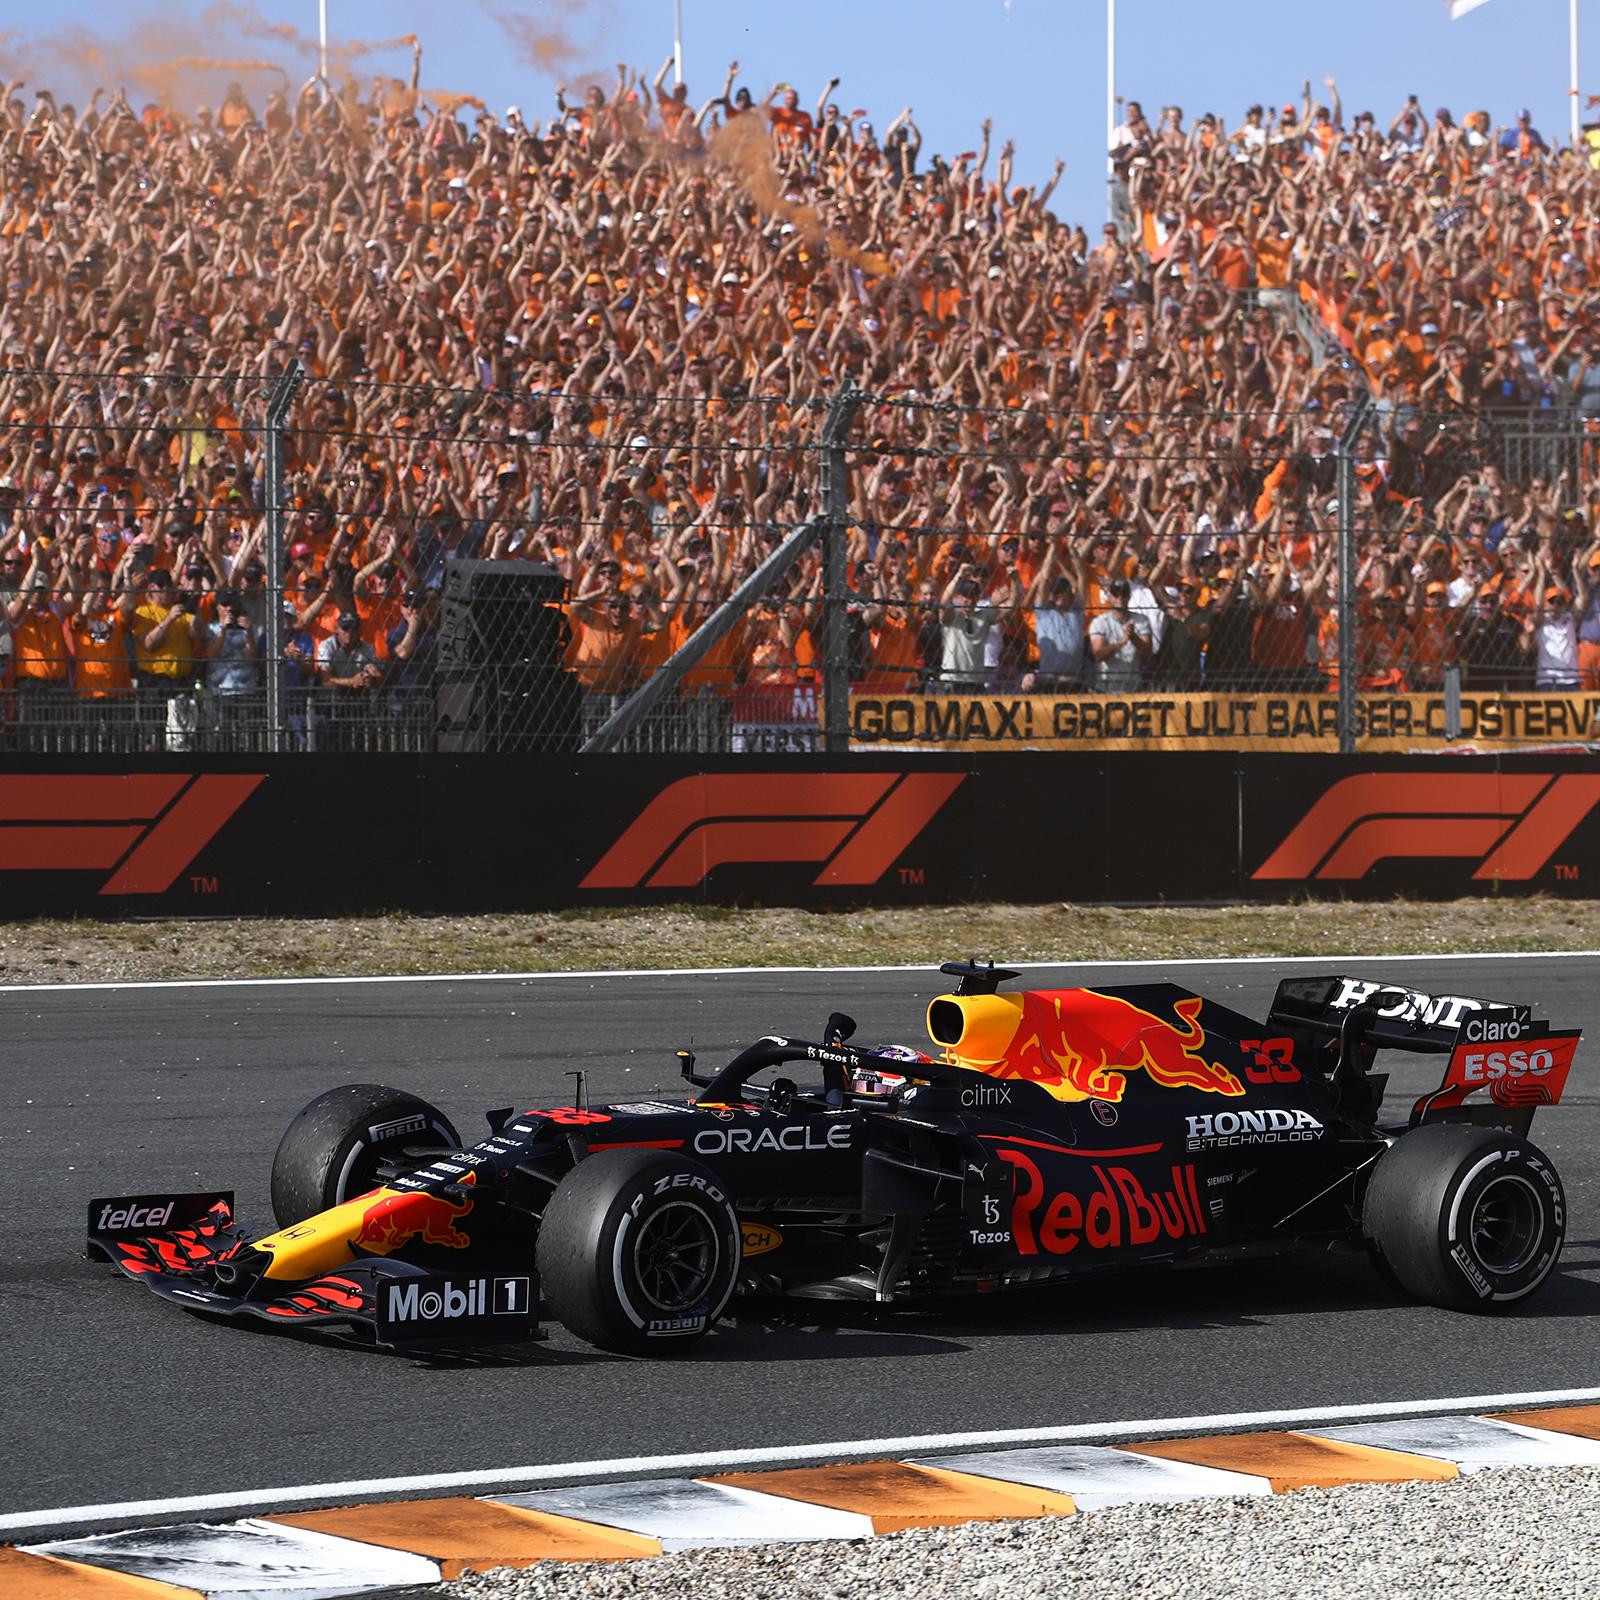 Verstappen nhận sự cổ vũ cuồng nhiệt từ khán giả Hà Lan tại Zandvoort. Ảnh: Twitter / Max Verstappen